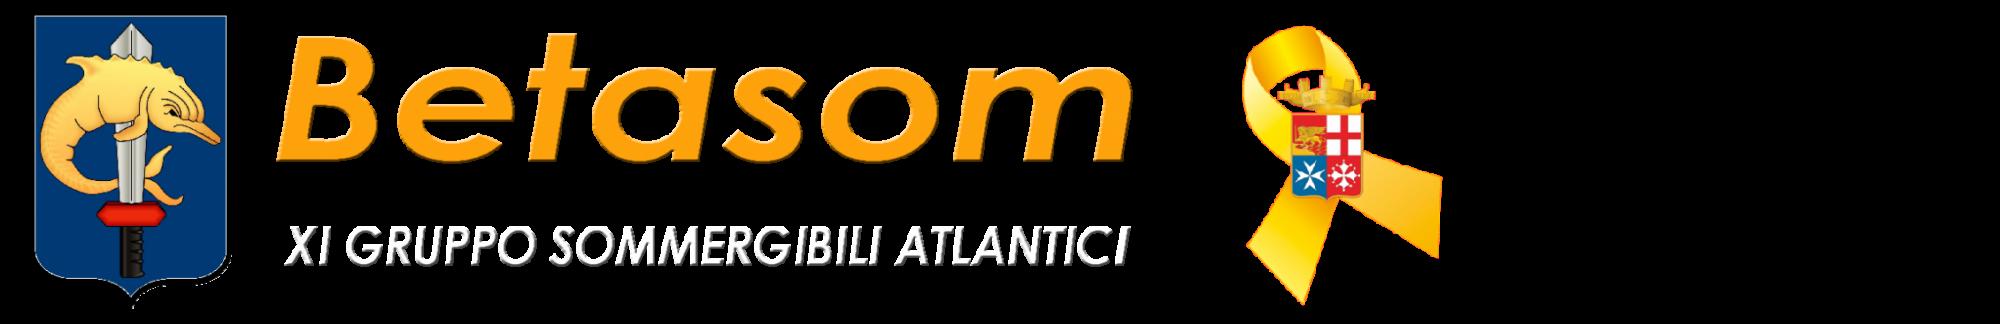 Associazione Culturale Betasom – Sottomarini, Sommergibili e navi della Regia Marina e della Marina Militare Italiana